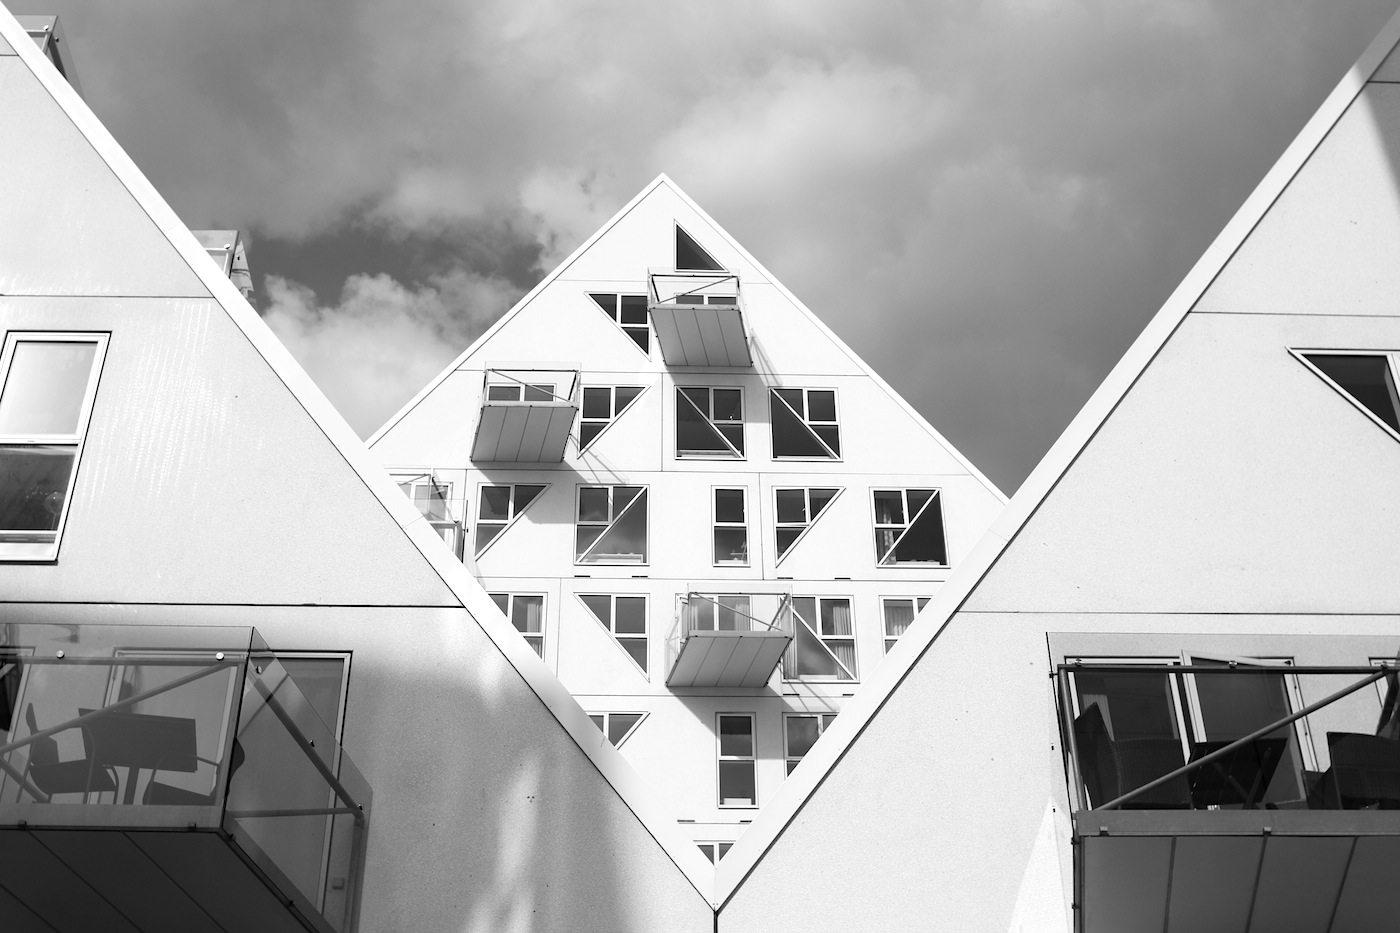 Der Eisberg. Jede der 11 Spitzen ist anders. Je nach Standort ergeben sich so spannende Ein- und Durchsichten. Die internationale Zusammenarbeit basierte auf der Idee der europäischen Ideale der Völkerverständigung, die mit skandinavischen Werten und Eigenschaften verbunden werden sollte. Anfang 2010 begannen die Bauarbeiten, 2013 zogen die ersten Bewohner ein.